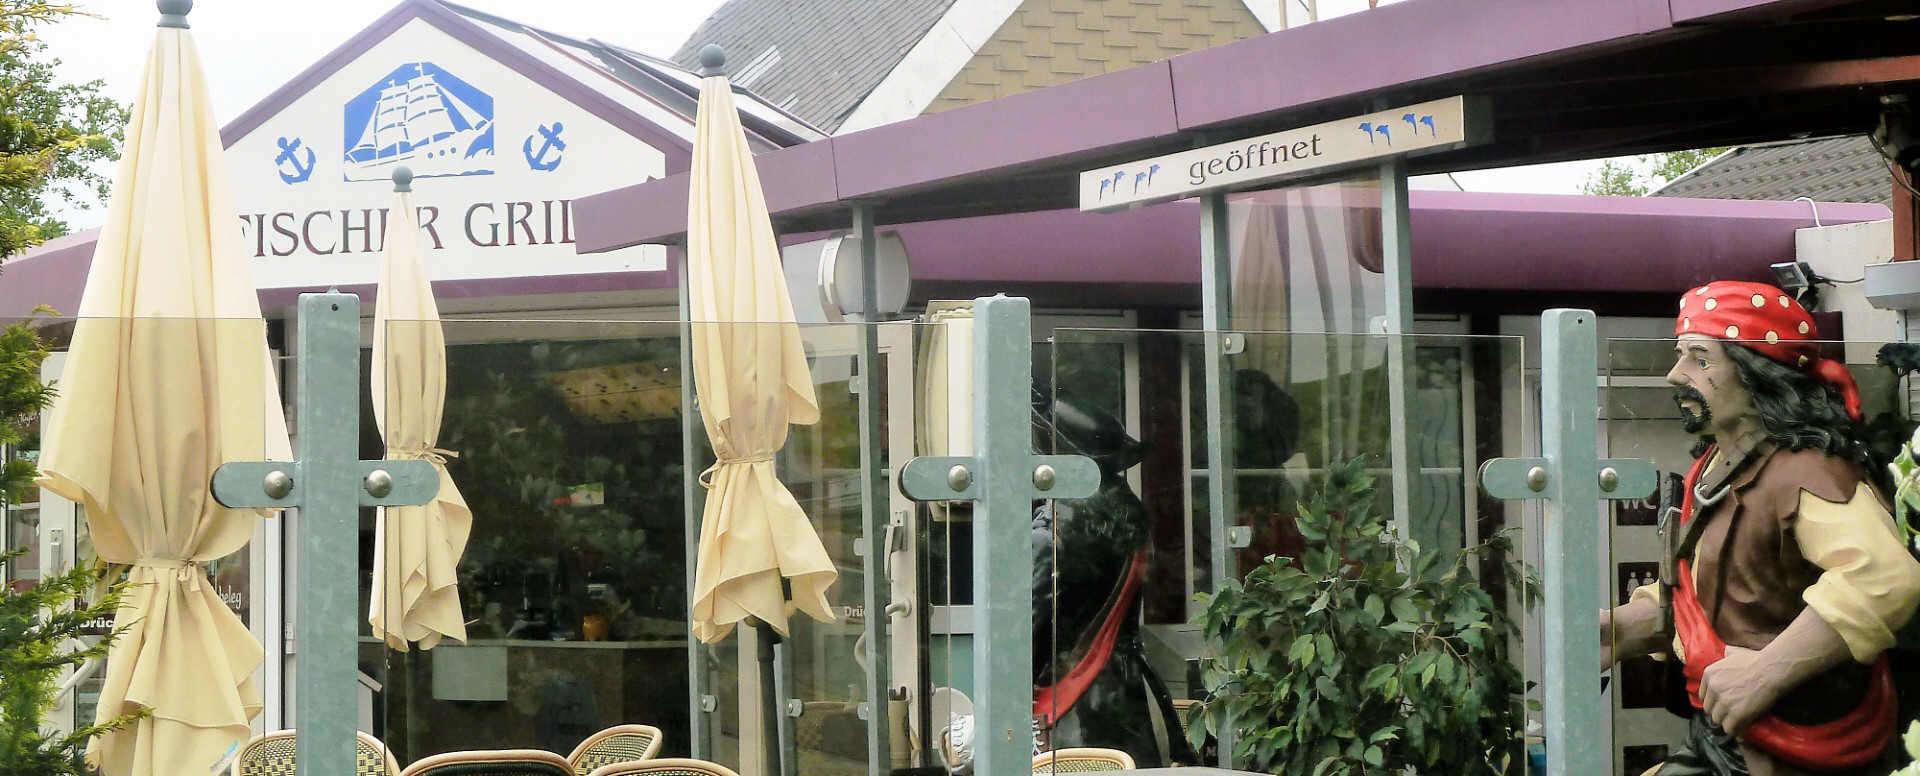 Fischer Grill das beliebte Schnellrestaurant in Dorum-Neufeld